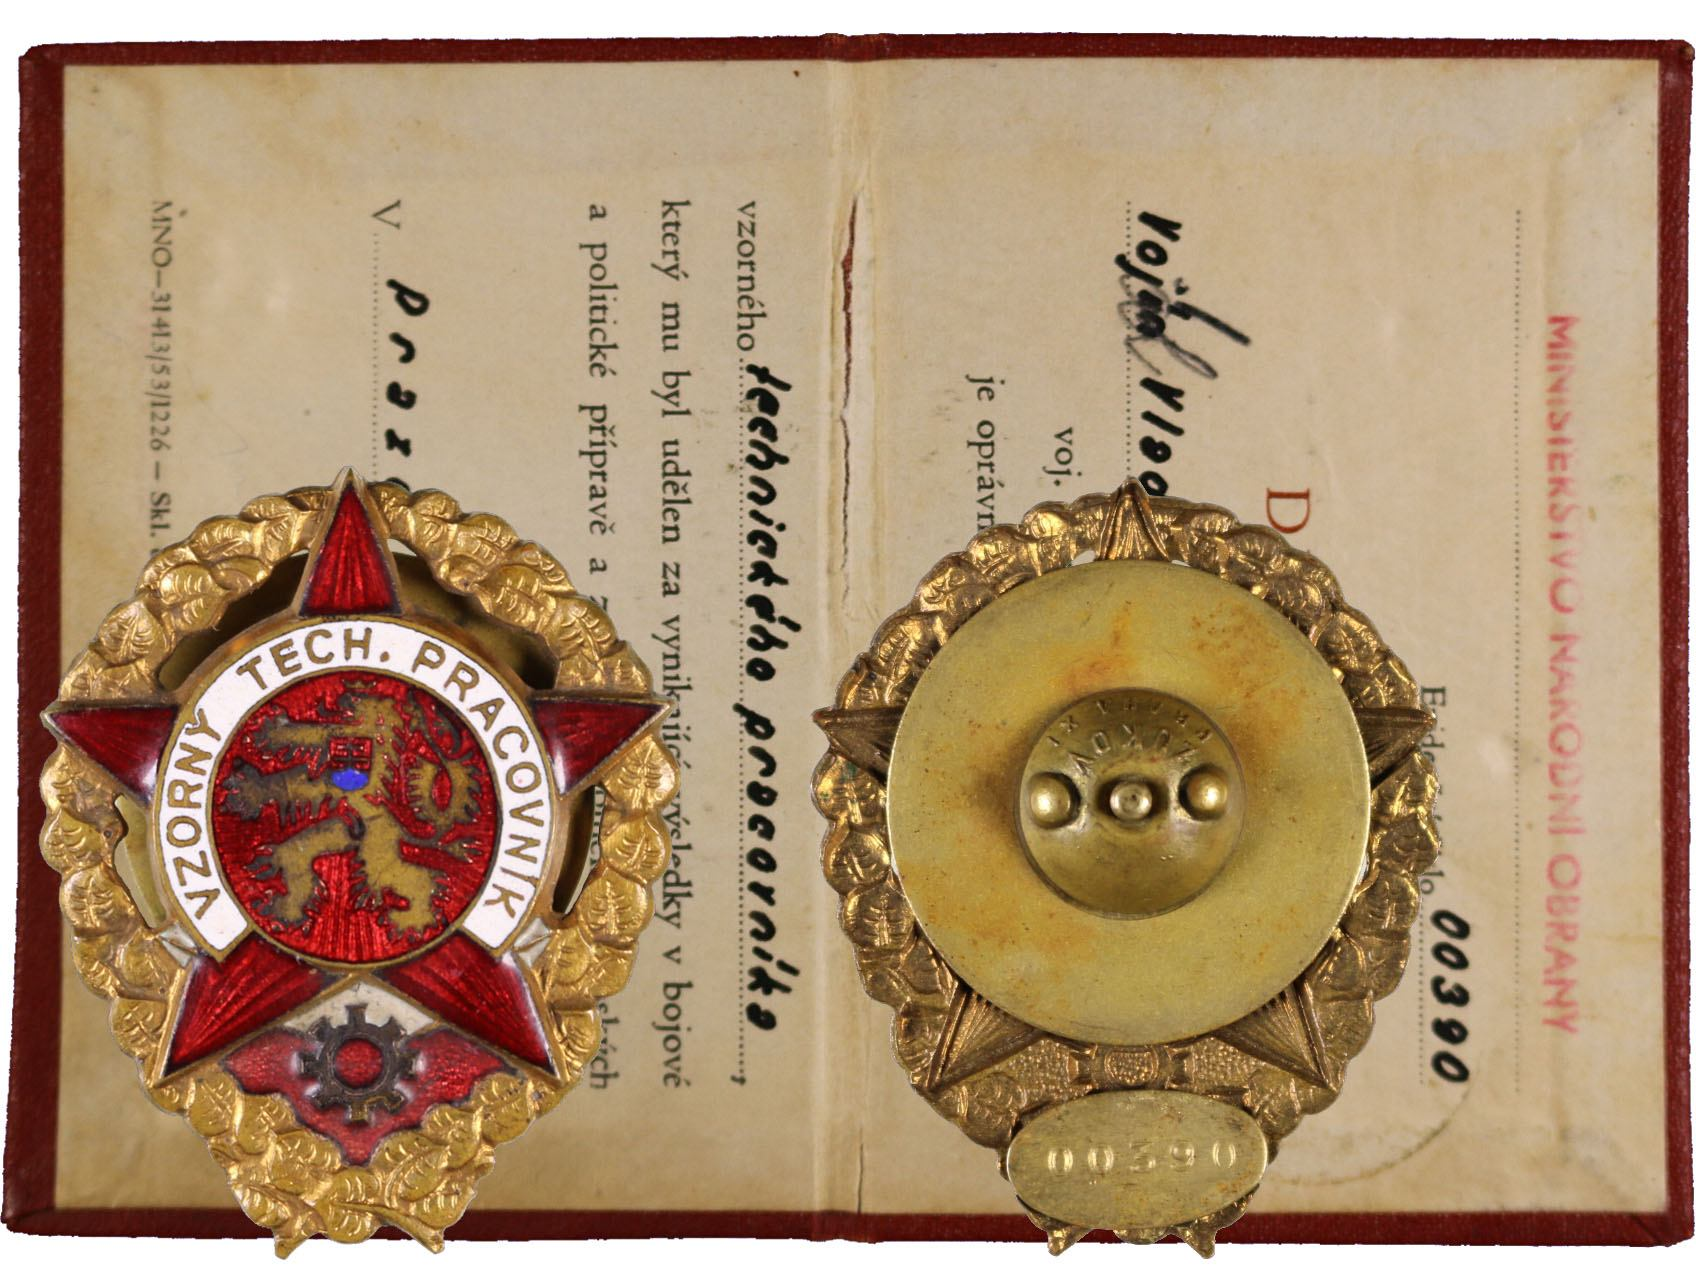 Odznak Vzorný technický pracovník č. 00390 s průkazkou, udělení 1. 10. 1953